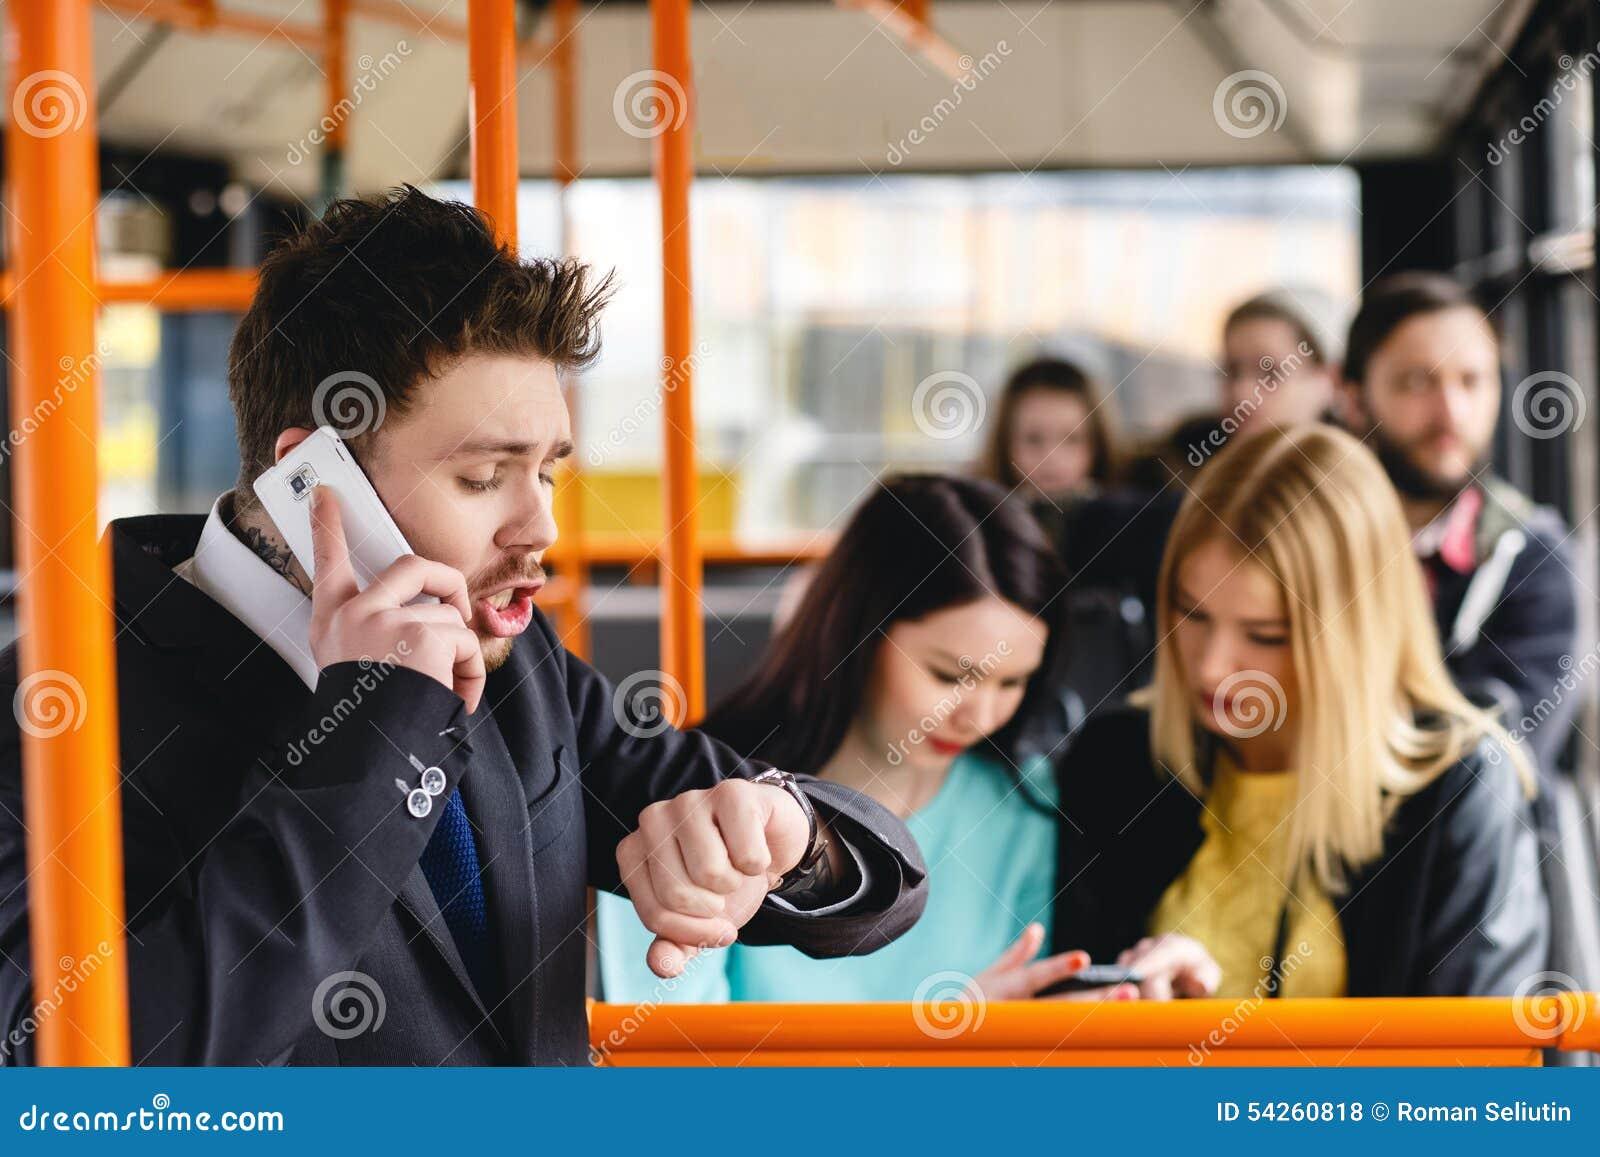 Человек говоря на сотовом телефоне, общественном местном транспорте